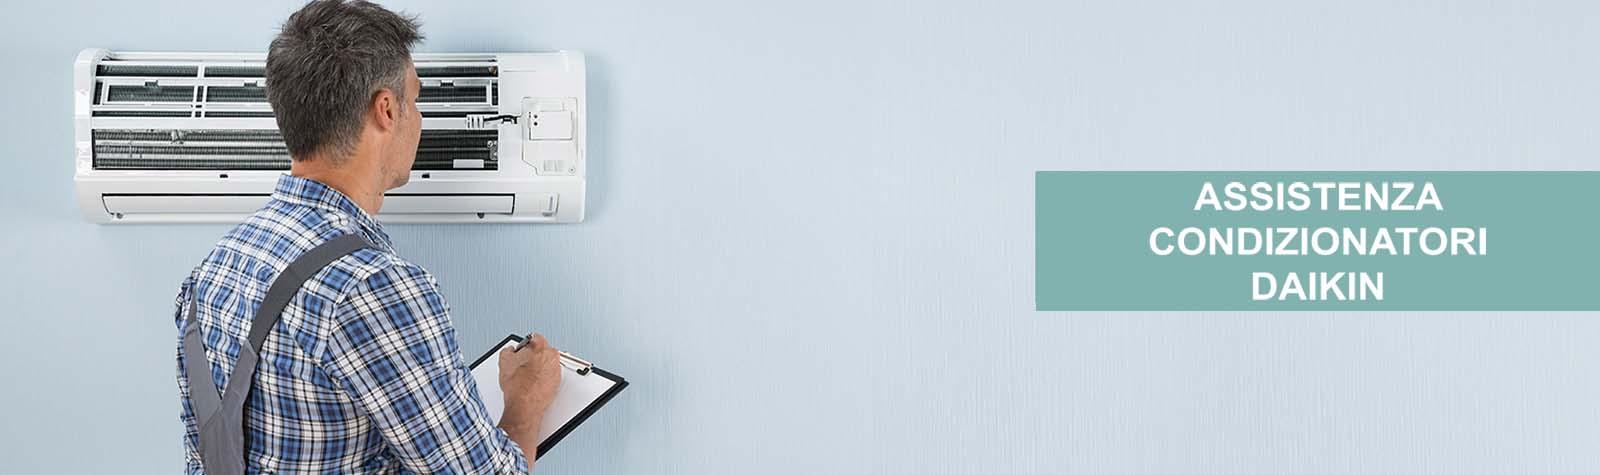 Assistenza Condizionatore Daikin Bovisio-Masciago - Contattaci per un preventivo